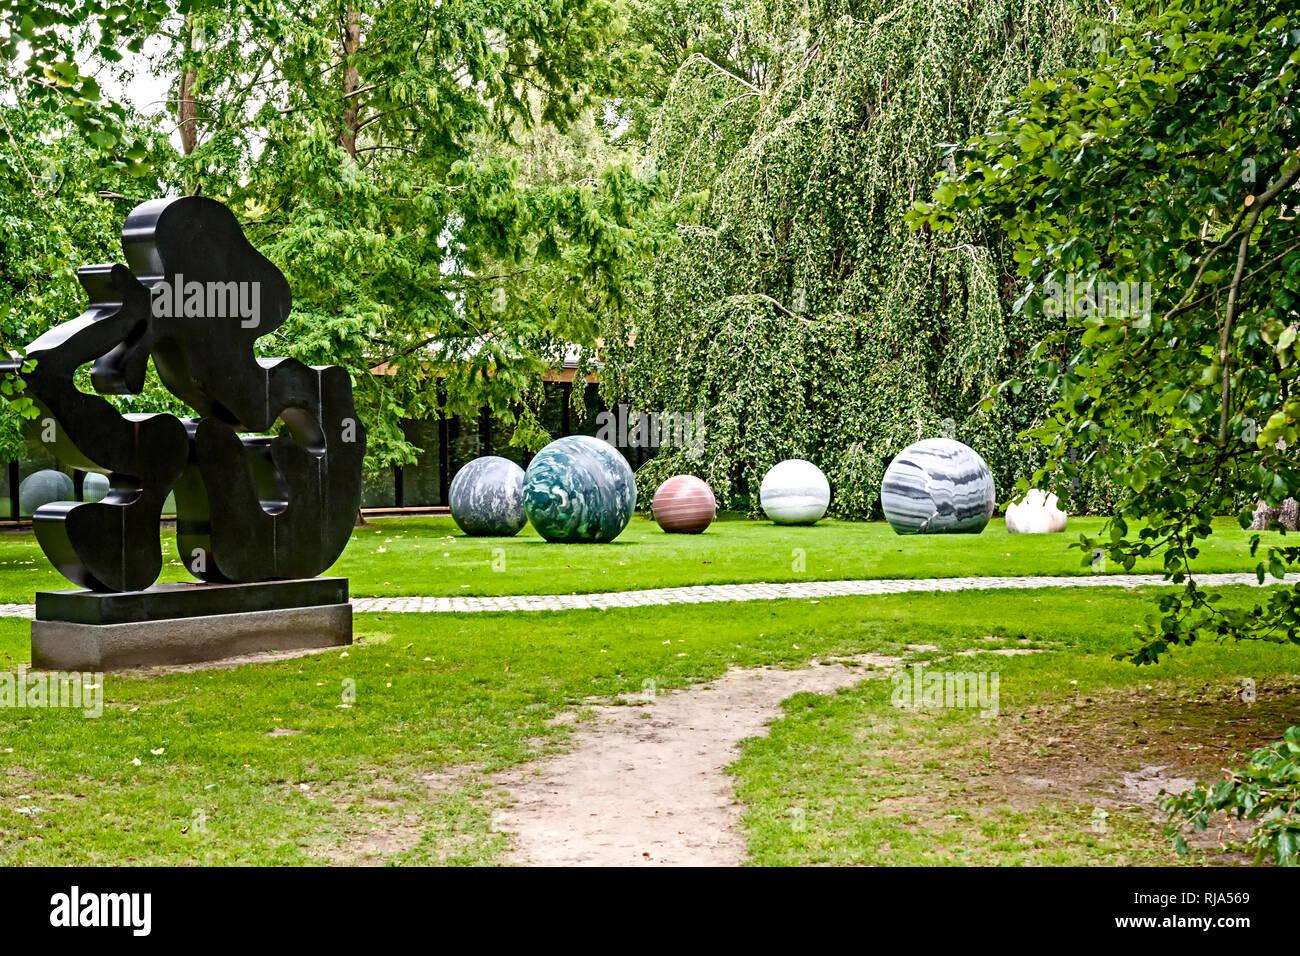 Tretting (Dänemark): Louisiana Museum der Modernen Kunst, die sich am Ufer des Öresund Stockbild